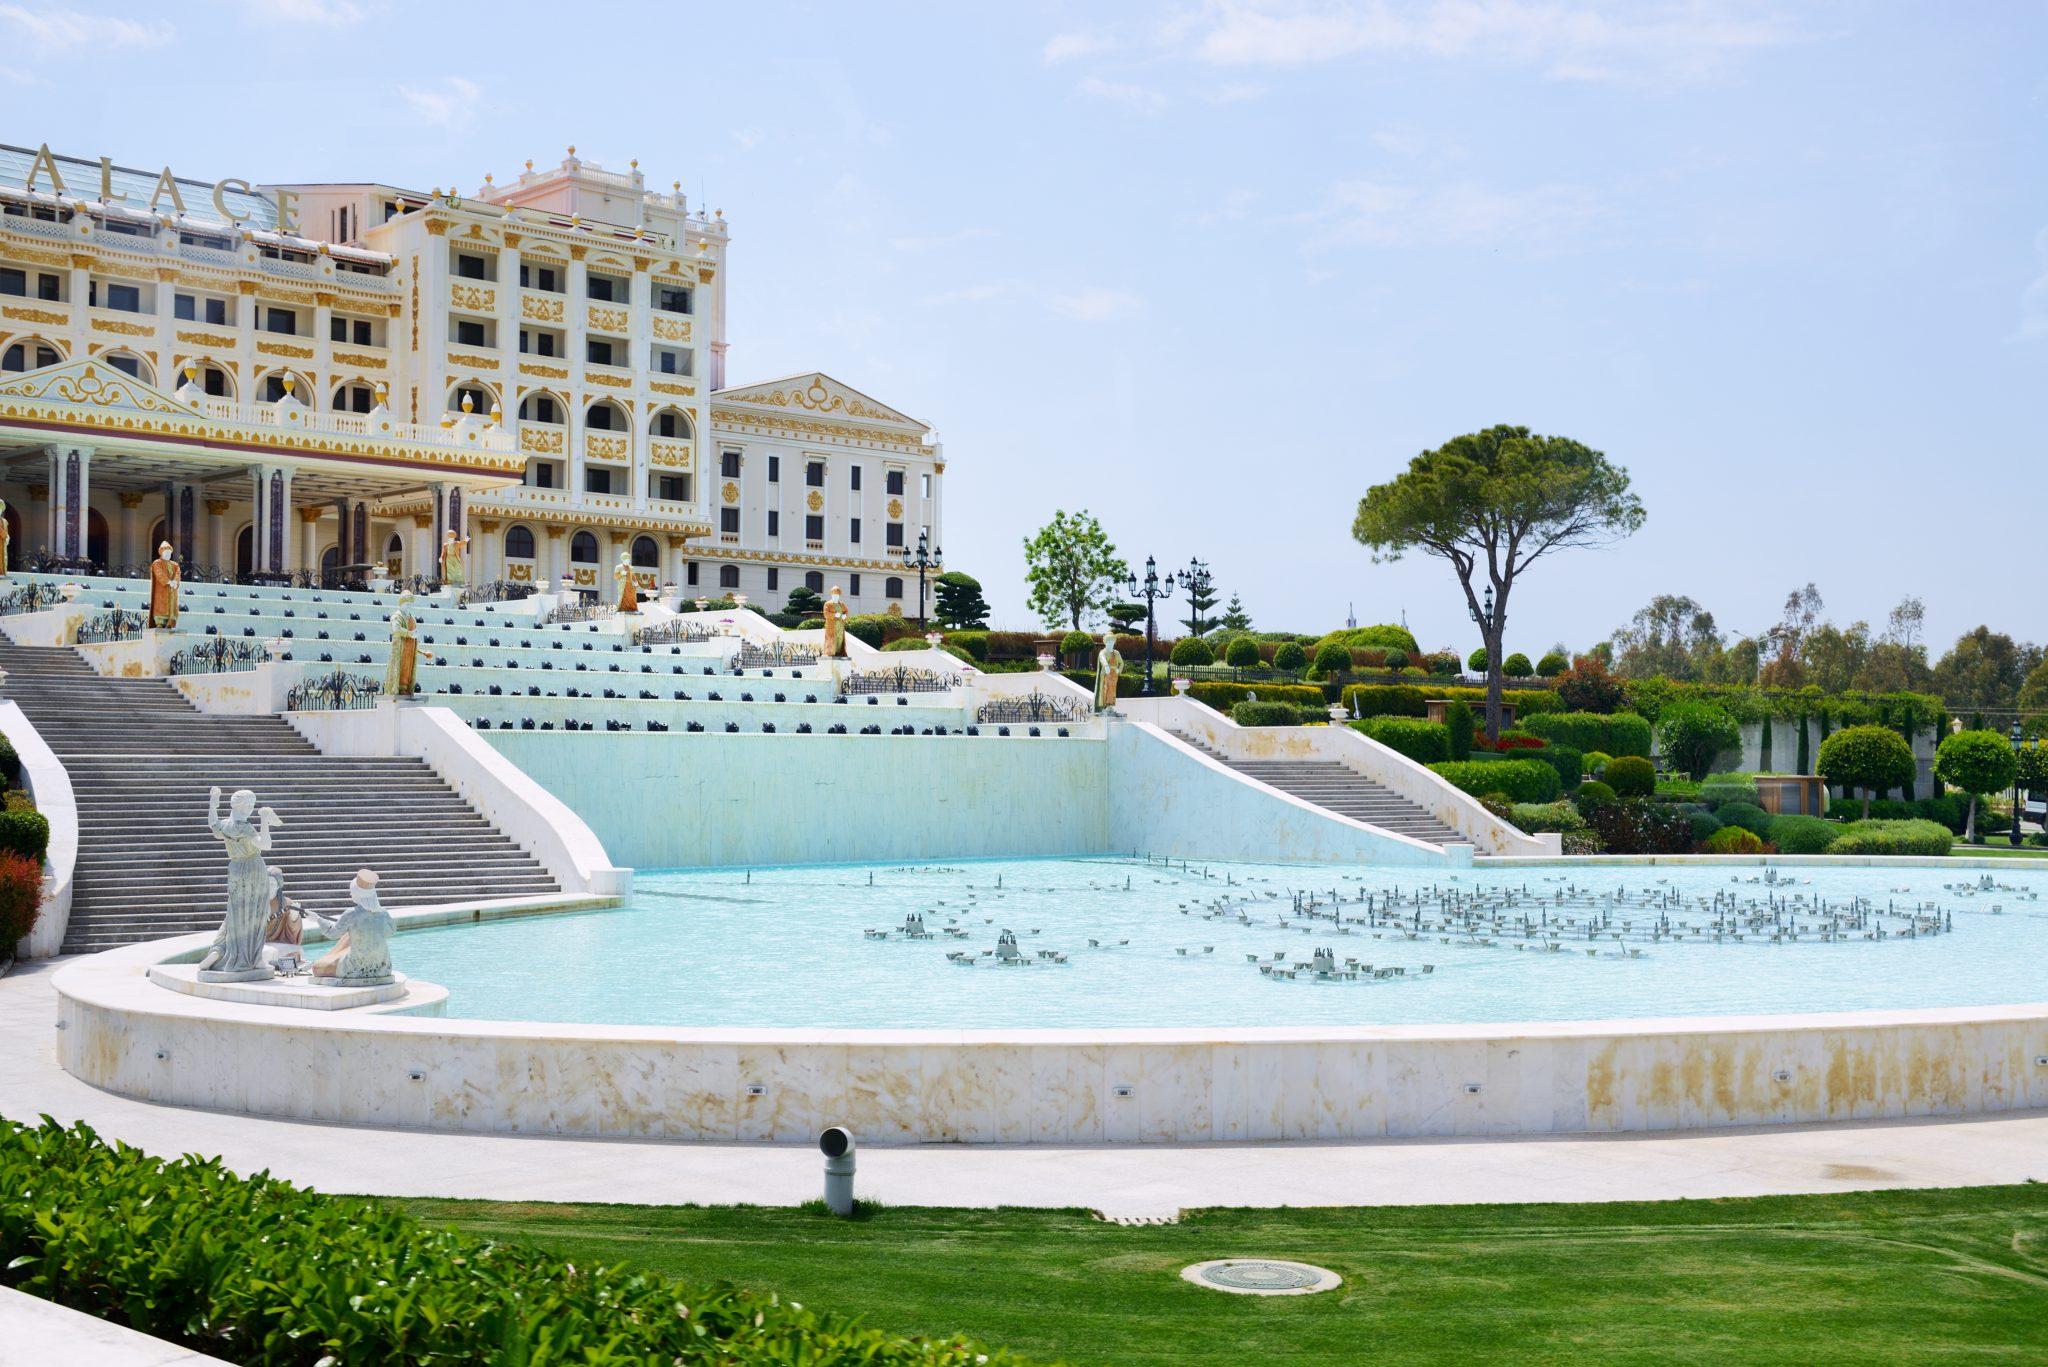 The Mardan Palace najdroższy europejski hotel świata